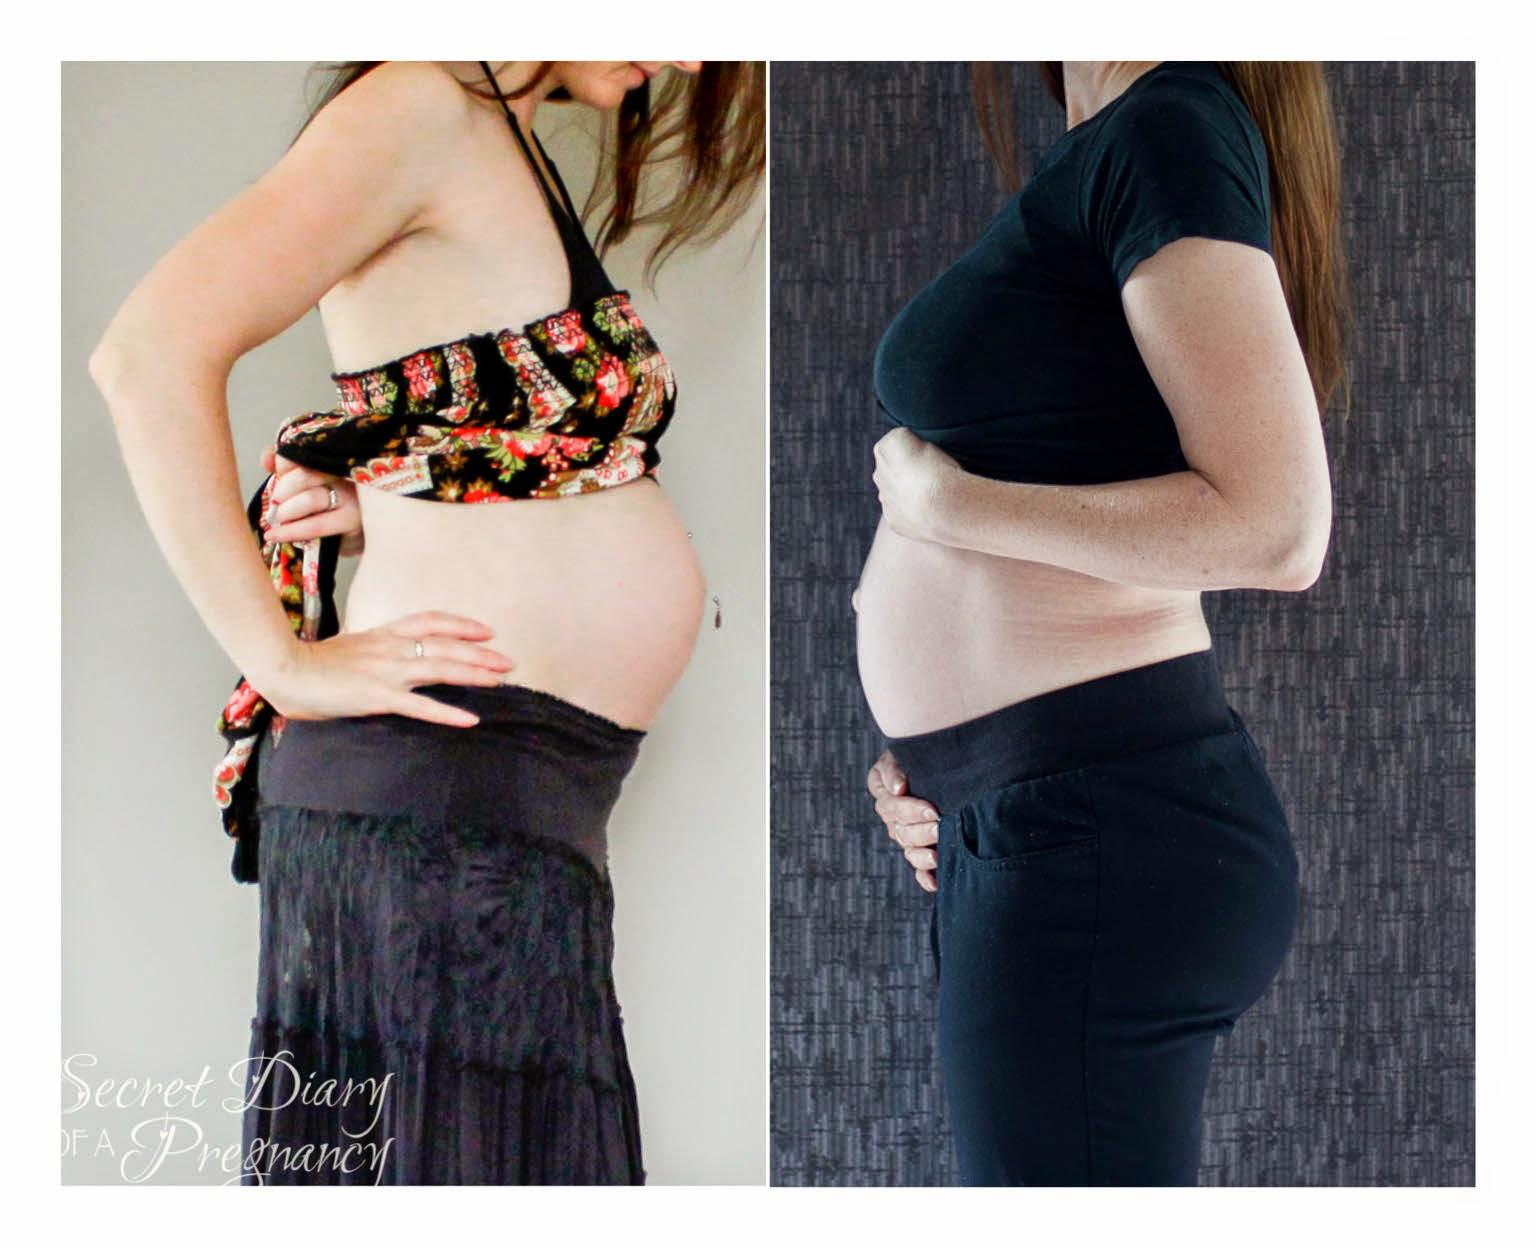 6 months pregnant comparison pregnancy 1 2 side view